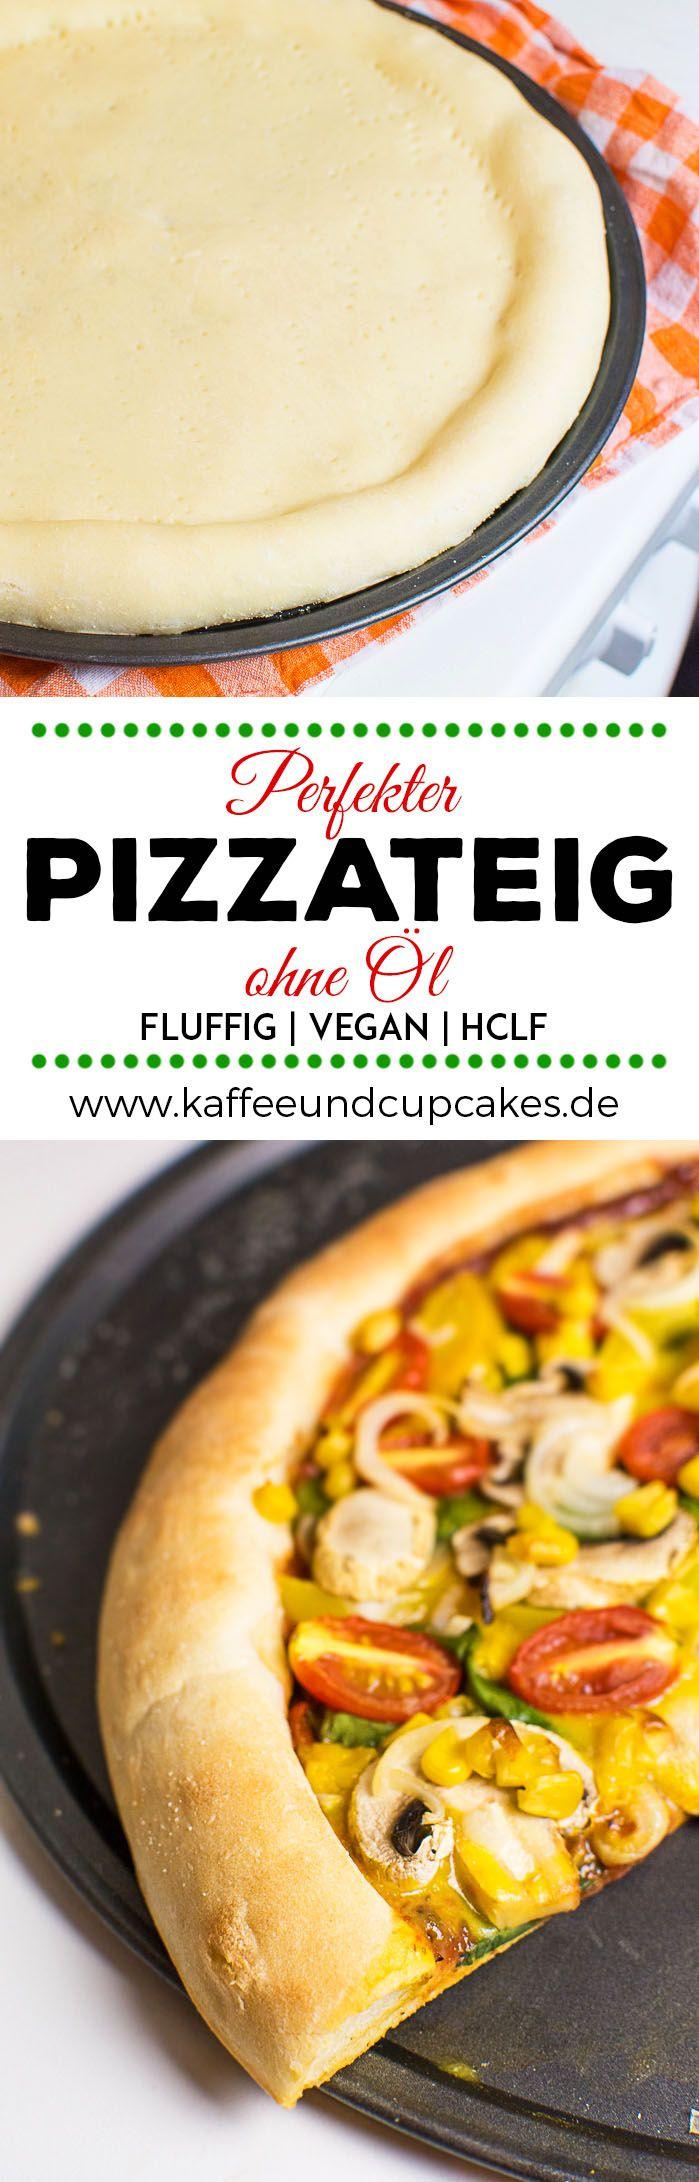 Dieses Rezept für Pizzateig kommt ganz ohne Öl aus und ist daher so gut wie fettfrei. Dennoch ist der Pizzateig richtig weich und fluffig, aber gleichzeitig fest genug, dass man die Pizzastücke auch einzeln mit der Hand hochheben kann. Also kurz gesagt, er ist einfach perfekt. | Kaffee & Cupcakes #pizza #pizzateig #veganepizza #pizzaboden #fettarm #fettfrei #hclf #lowfat #vegan #ohneöl